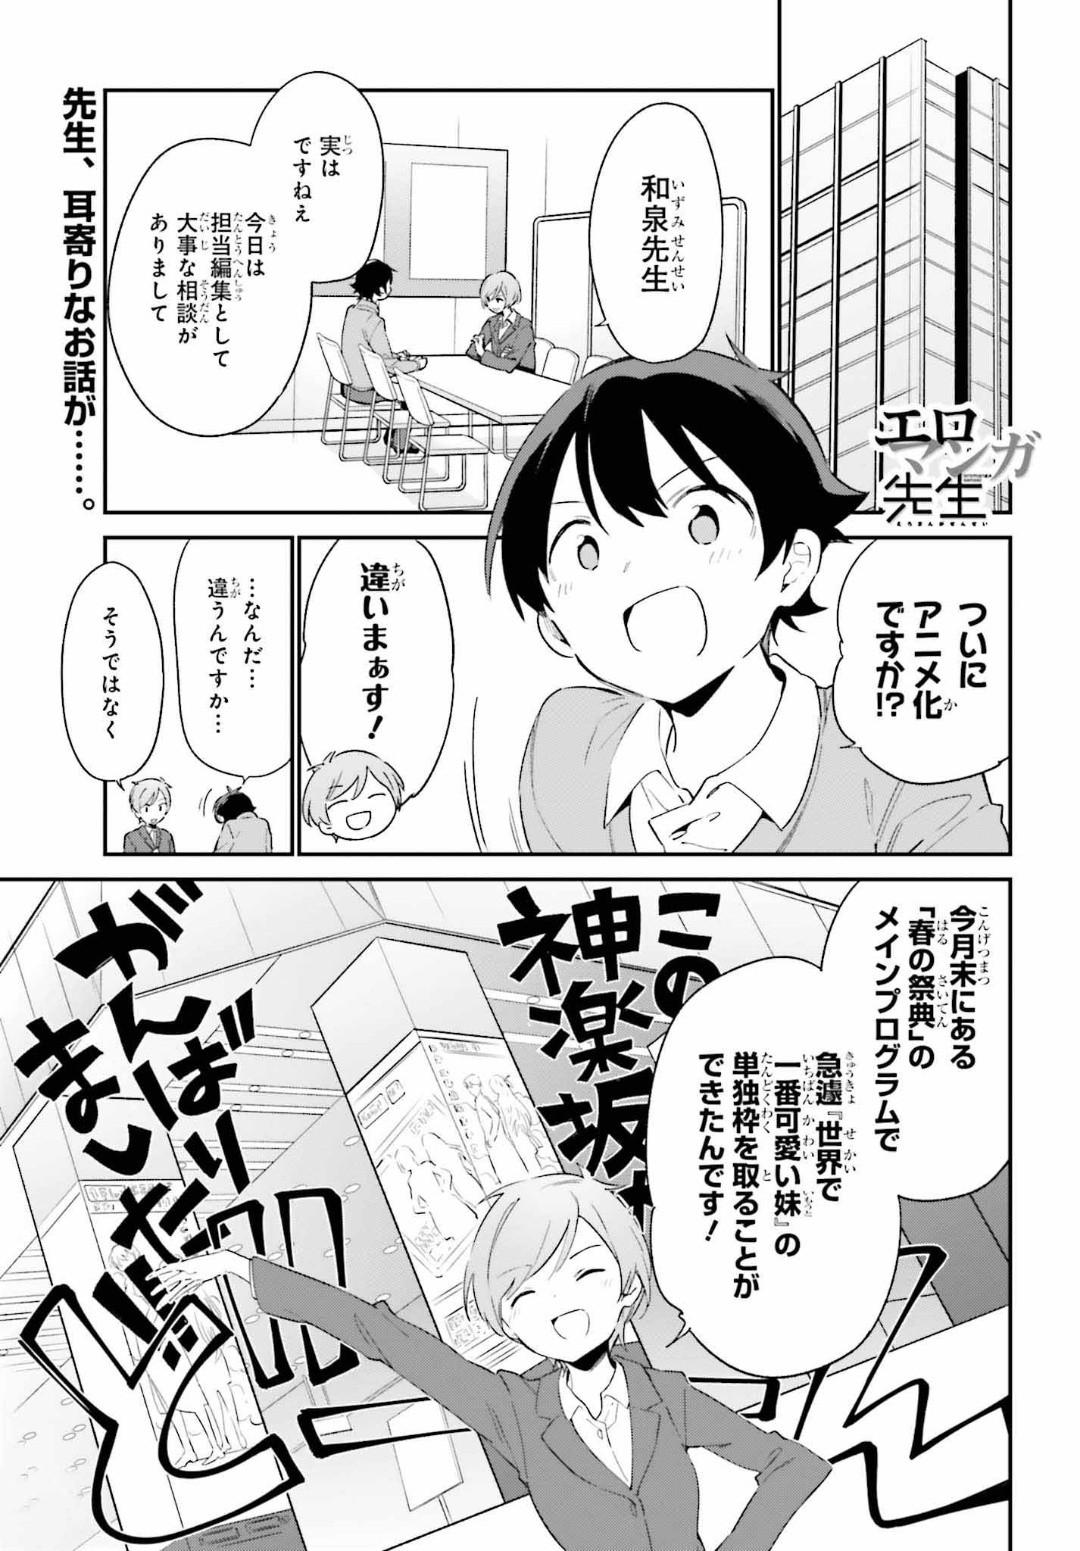 Ero Manga Sensei - Chapter 66 - Page 1